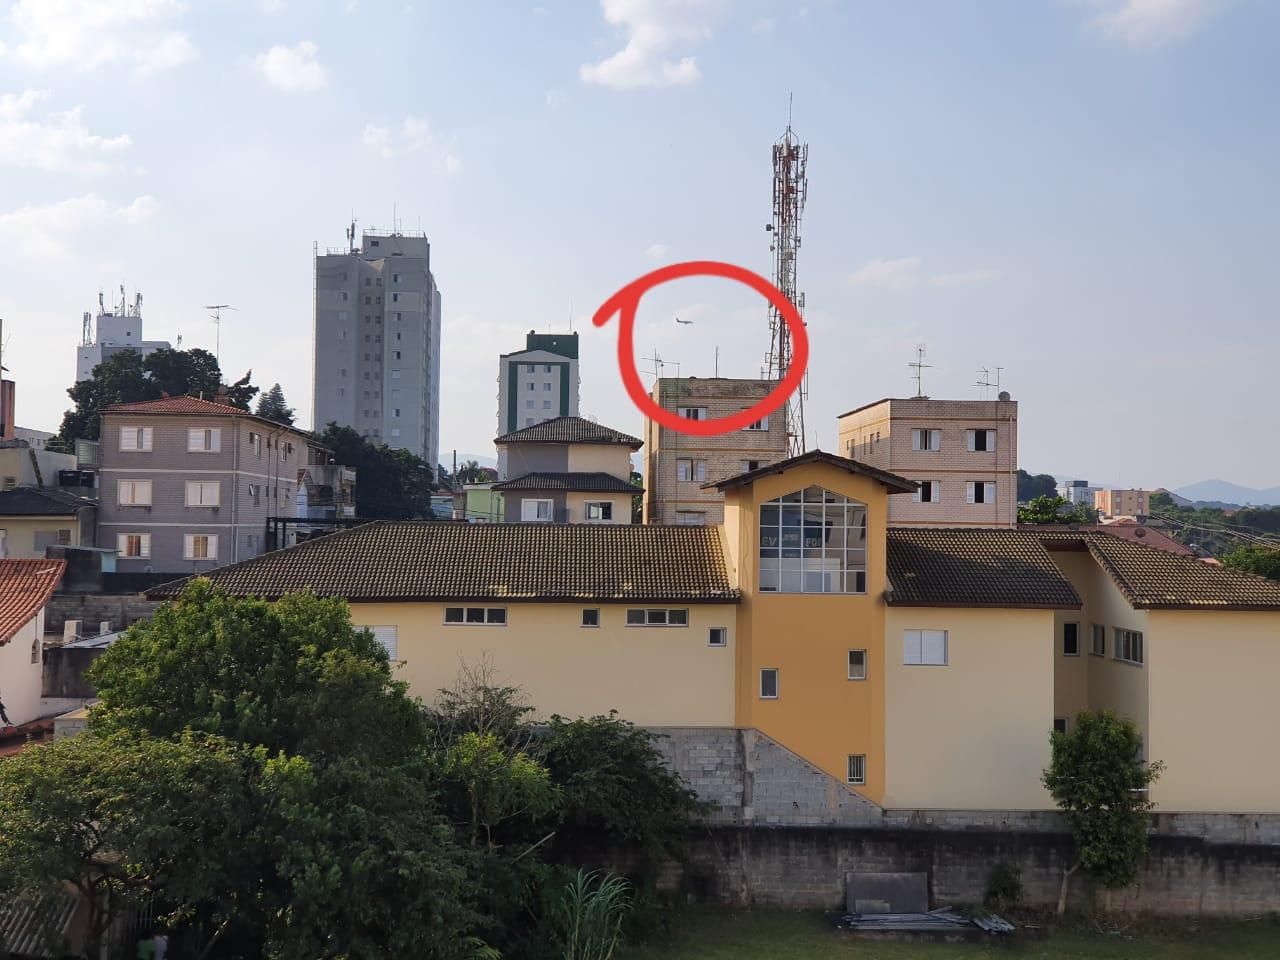 Zerbinato, Guarulhos, 2020.